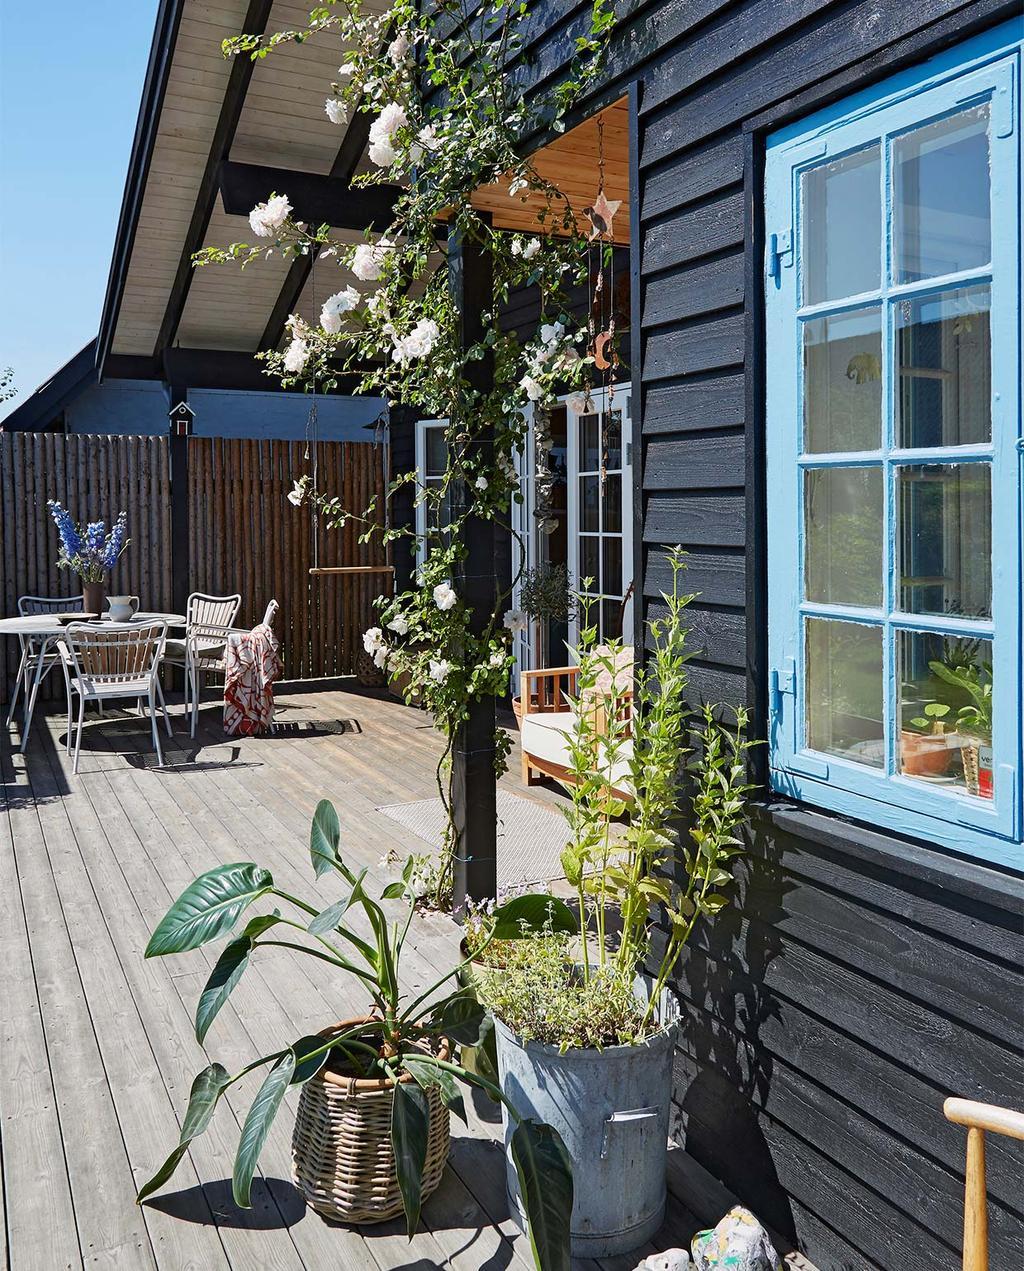 vtwonen special zomerhuizen 07-2021 | buiten bij Josephine in Kopenhagen, met een houten terras